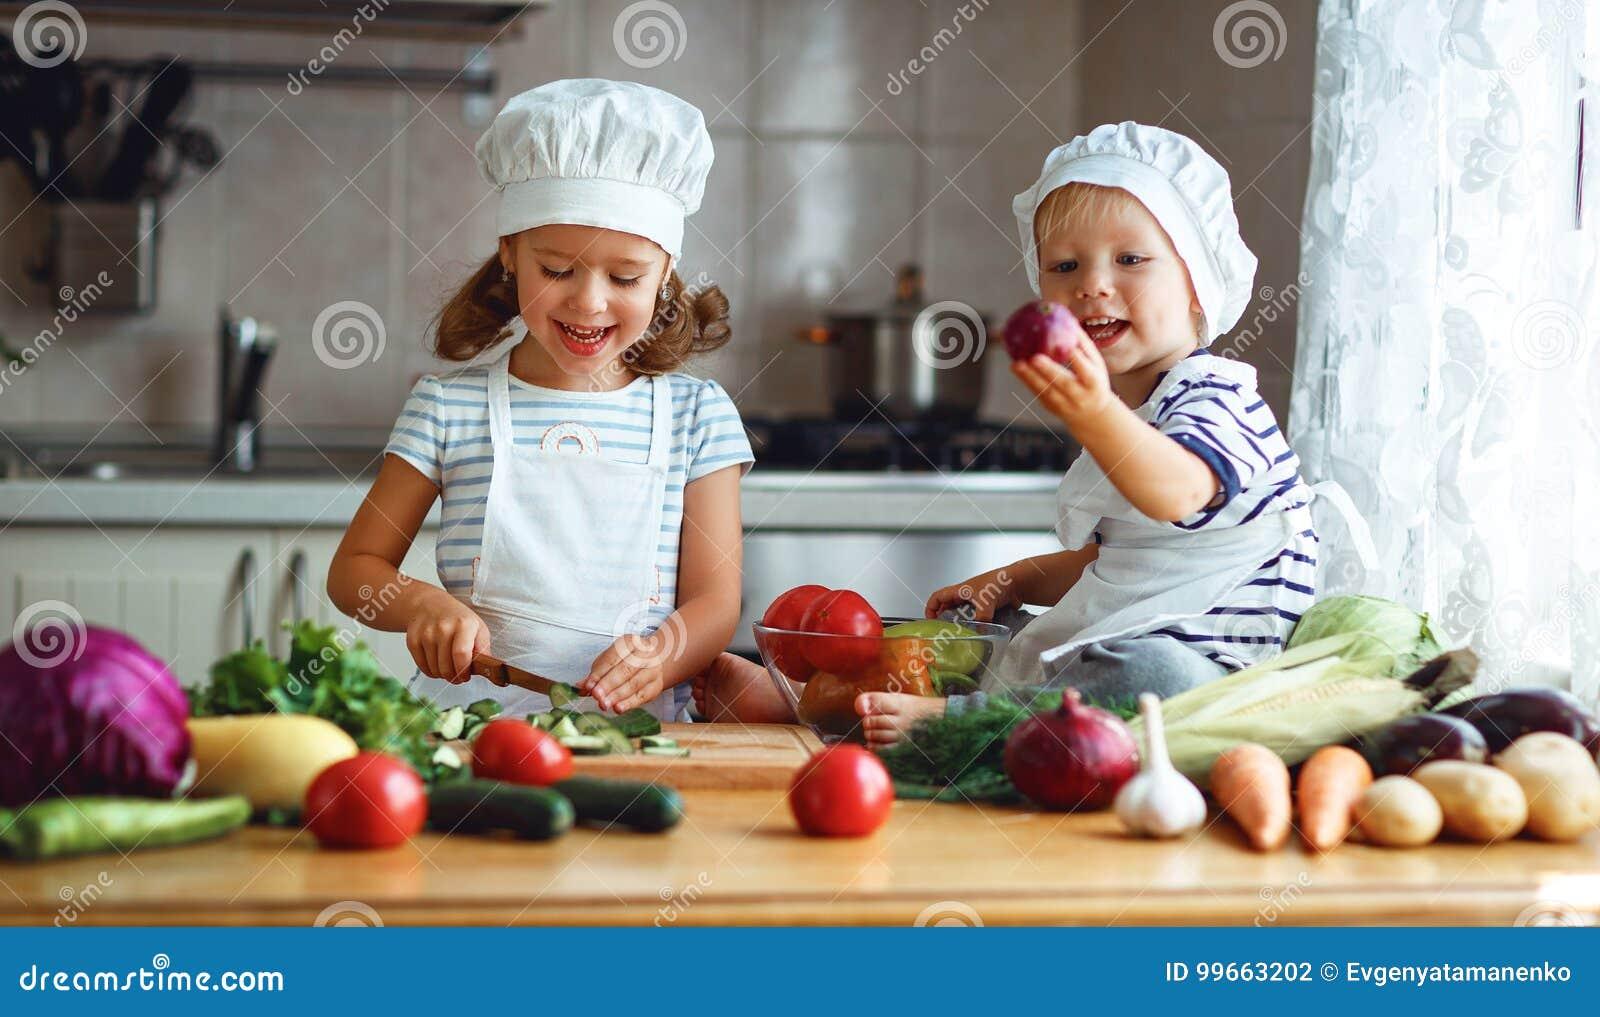 äta som är sunt Lyckliga barn förbereder grönsaksallad i kitc